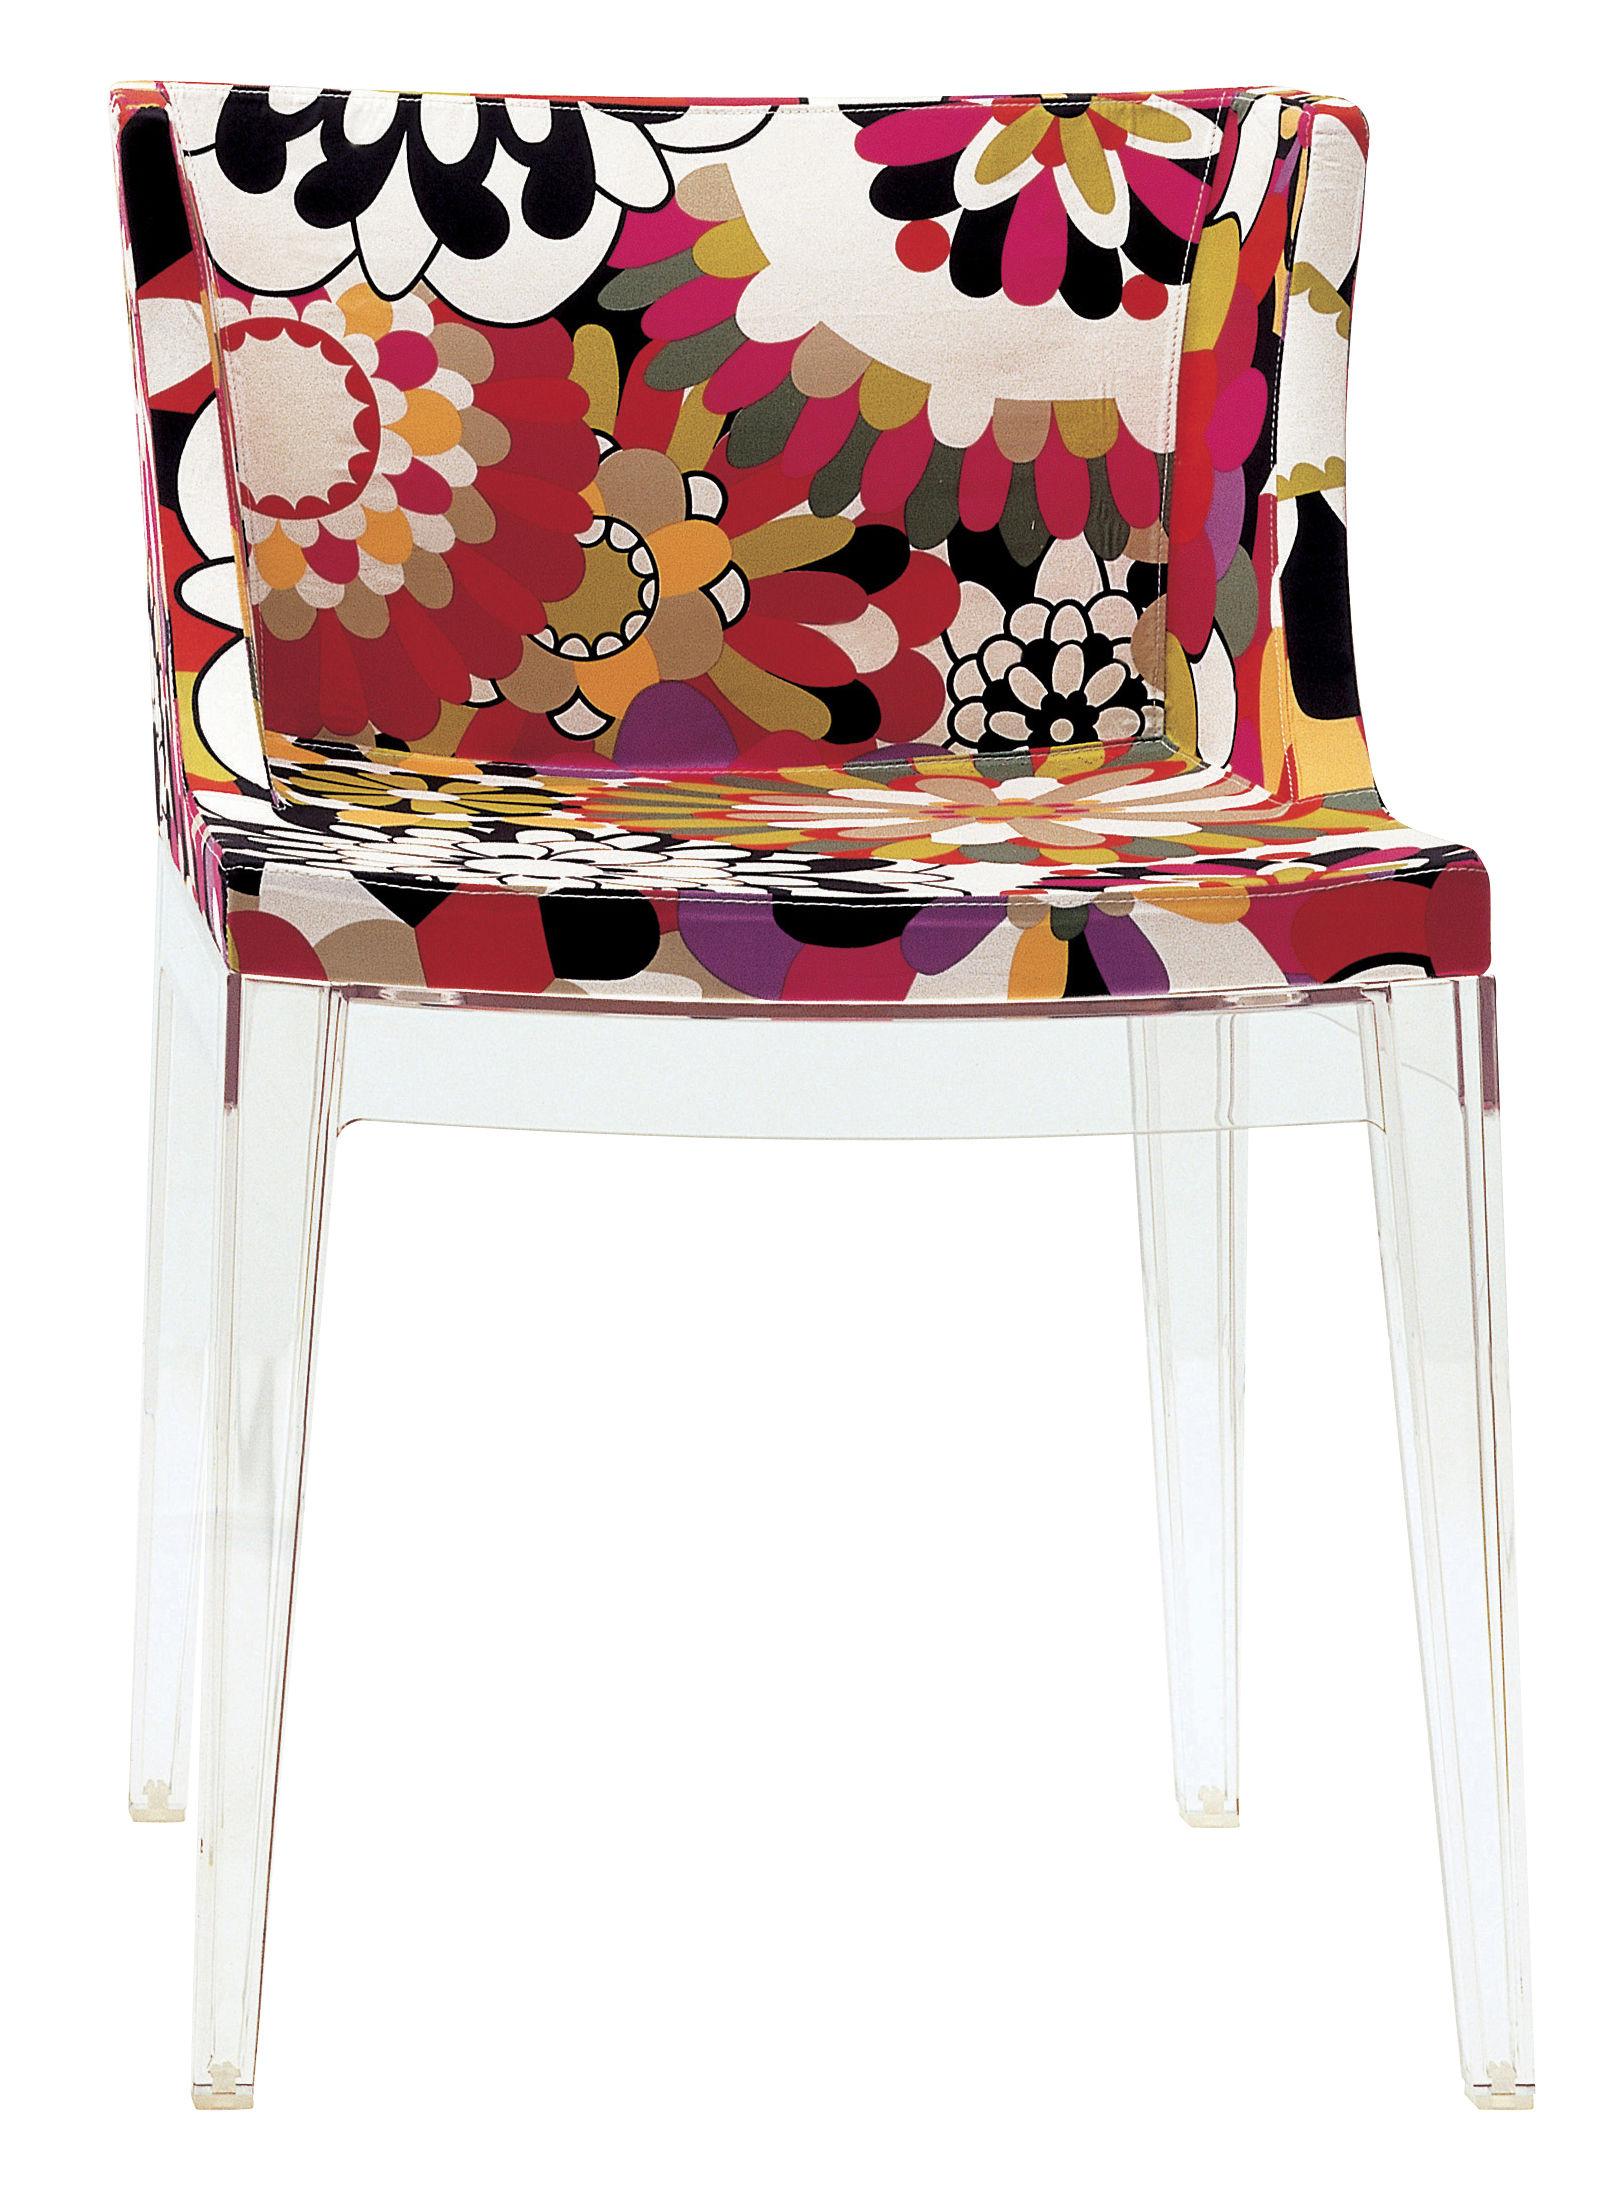 Arredamento - Sedie  - Poltrona imbottita Mademoiselle Missoni di Kartell - Fiori tonalità del rosso - Cotone, policarbonato, Poliuretano